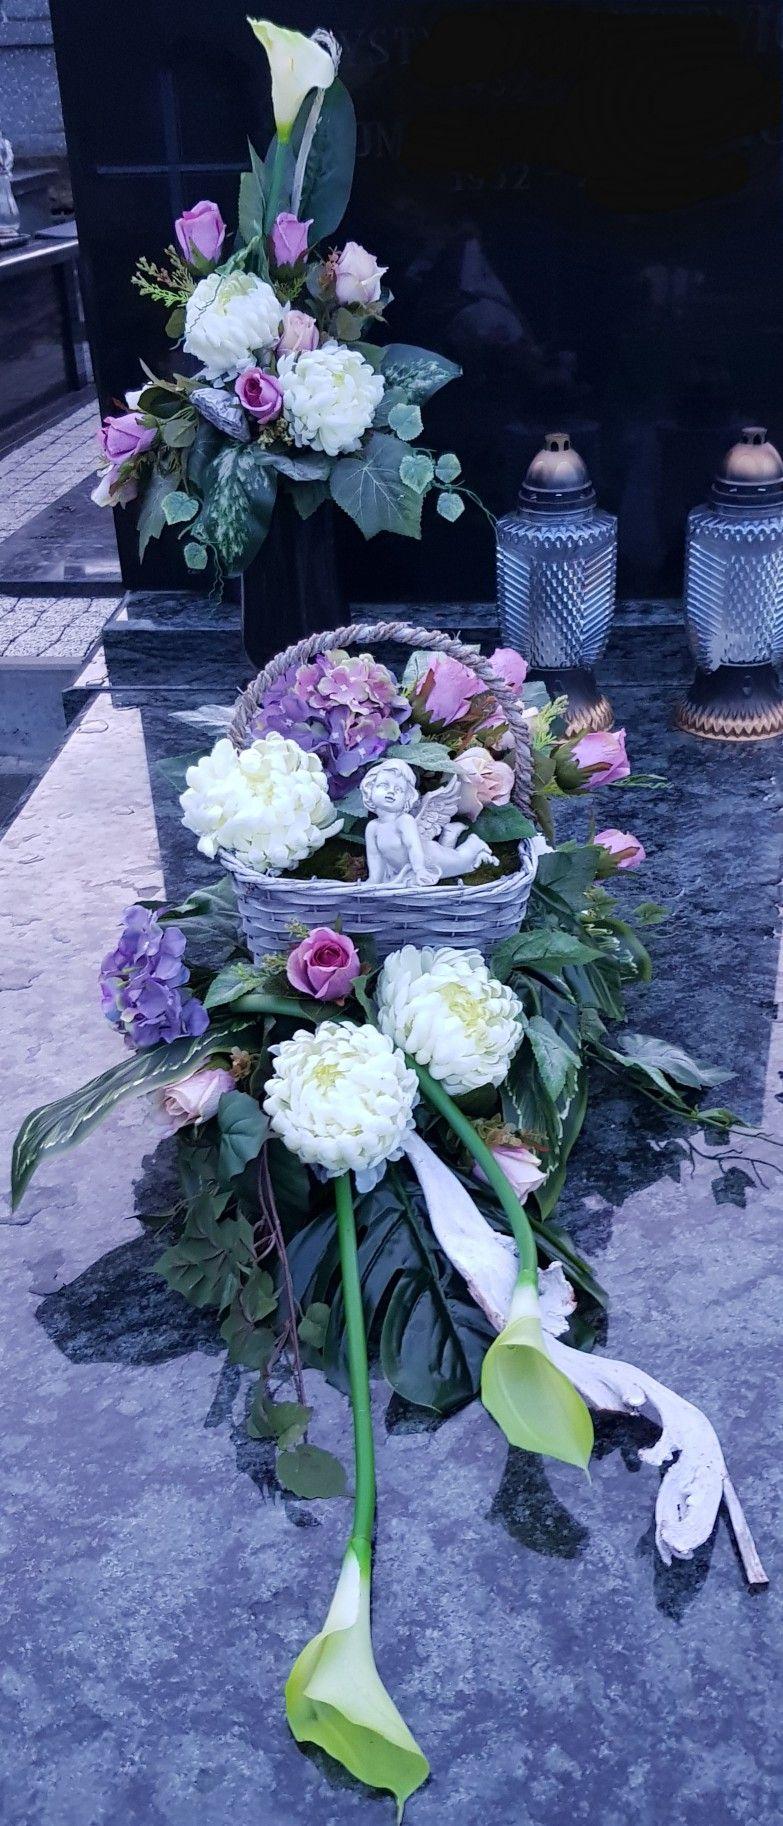 Pin By Justa Kolo On Cmentarz Fresh Flowers Arrangements Flower Arrangements Flowers